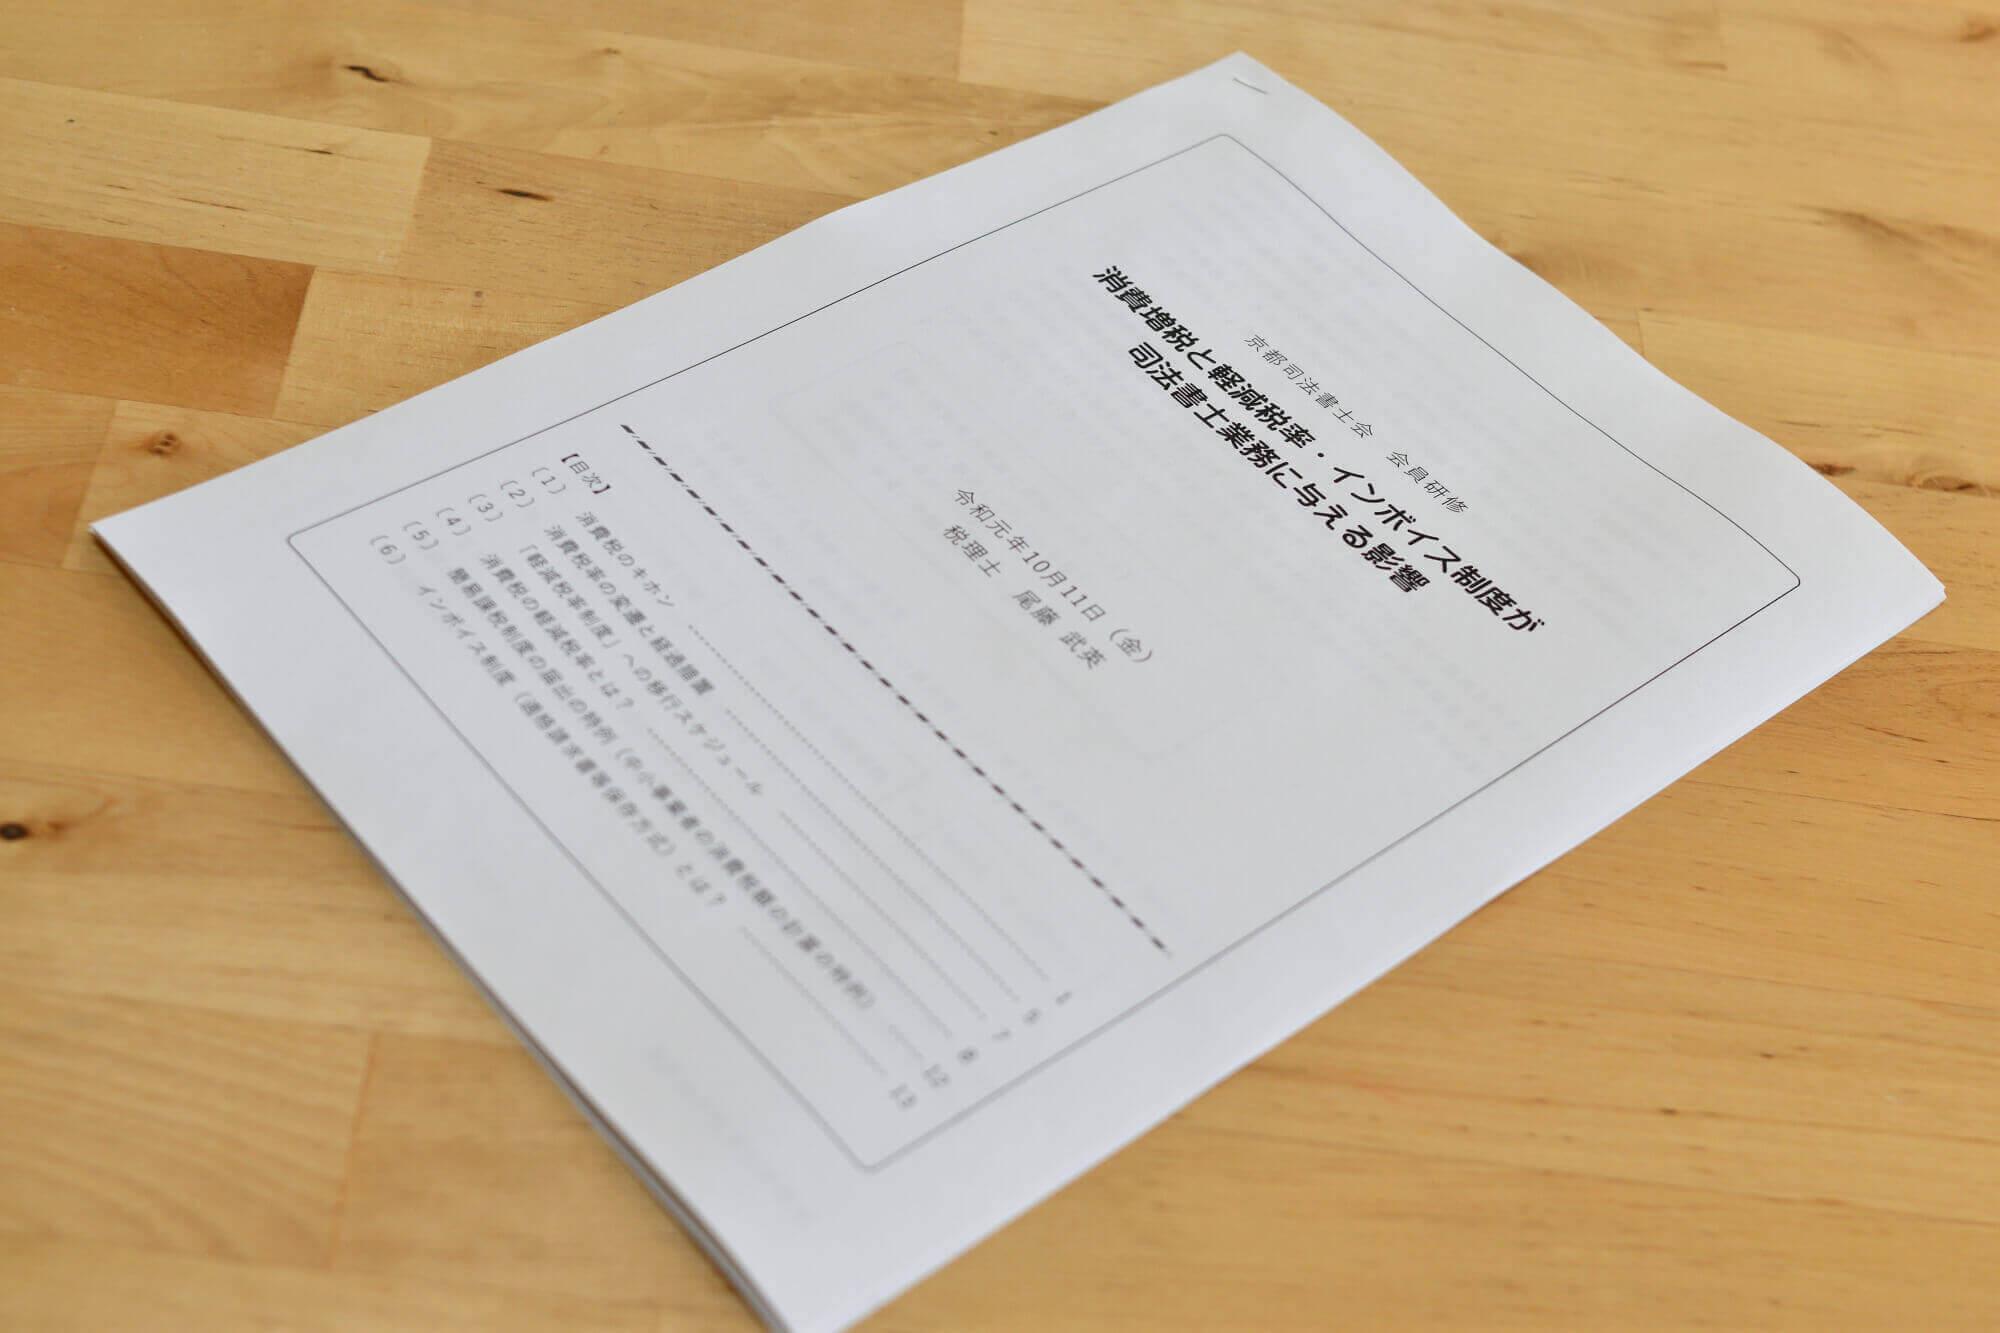 軽減税率・インボイス制度の研修会講師を担当しました【京都司法書士会様にて】